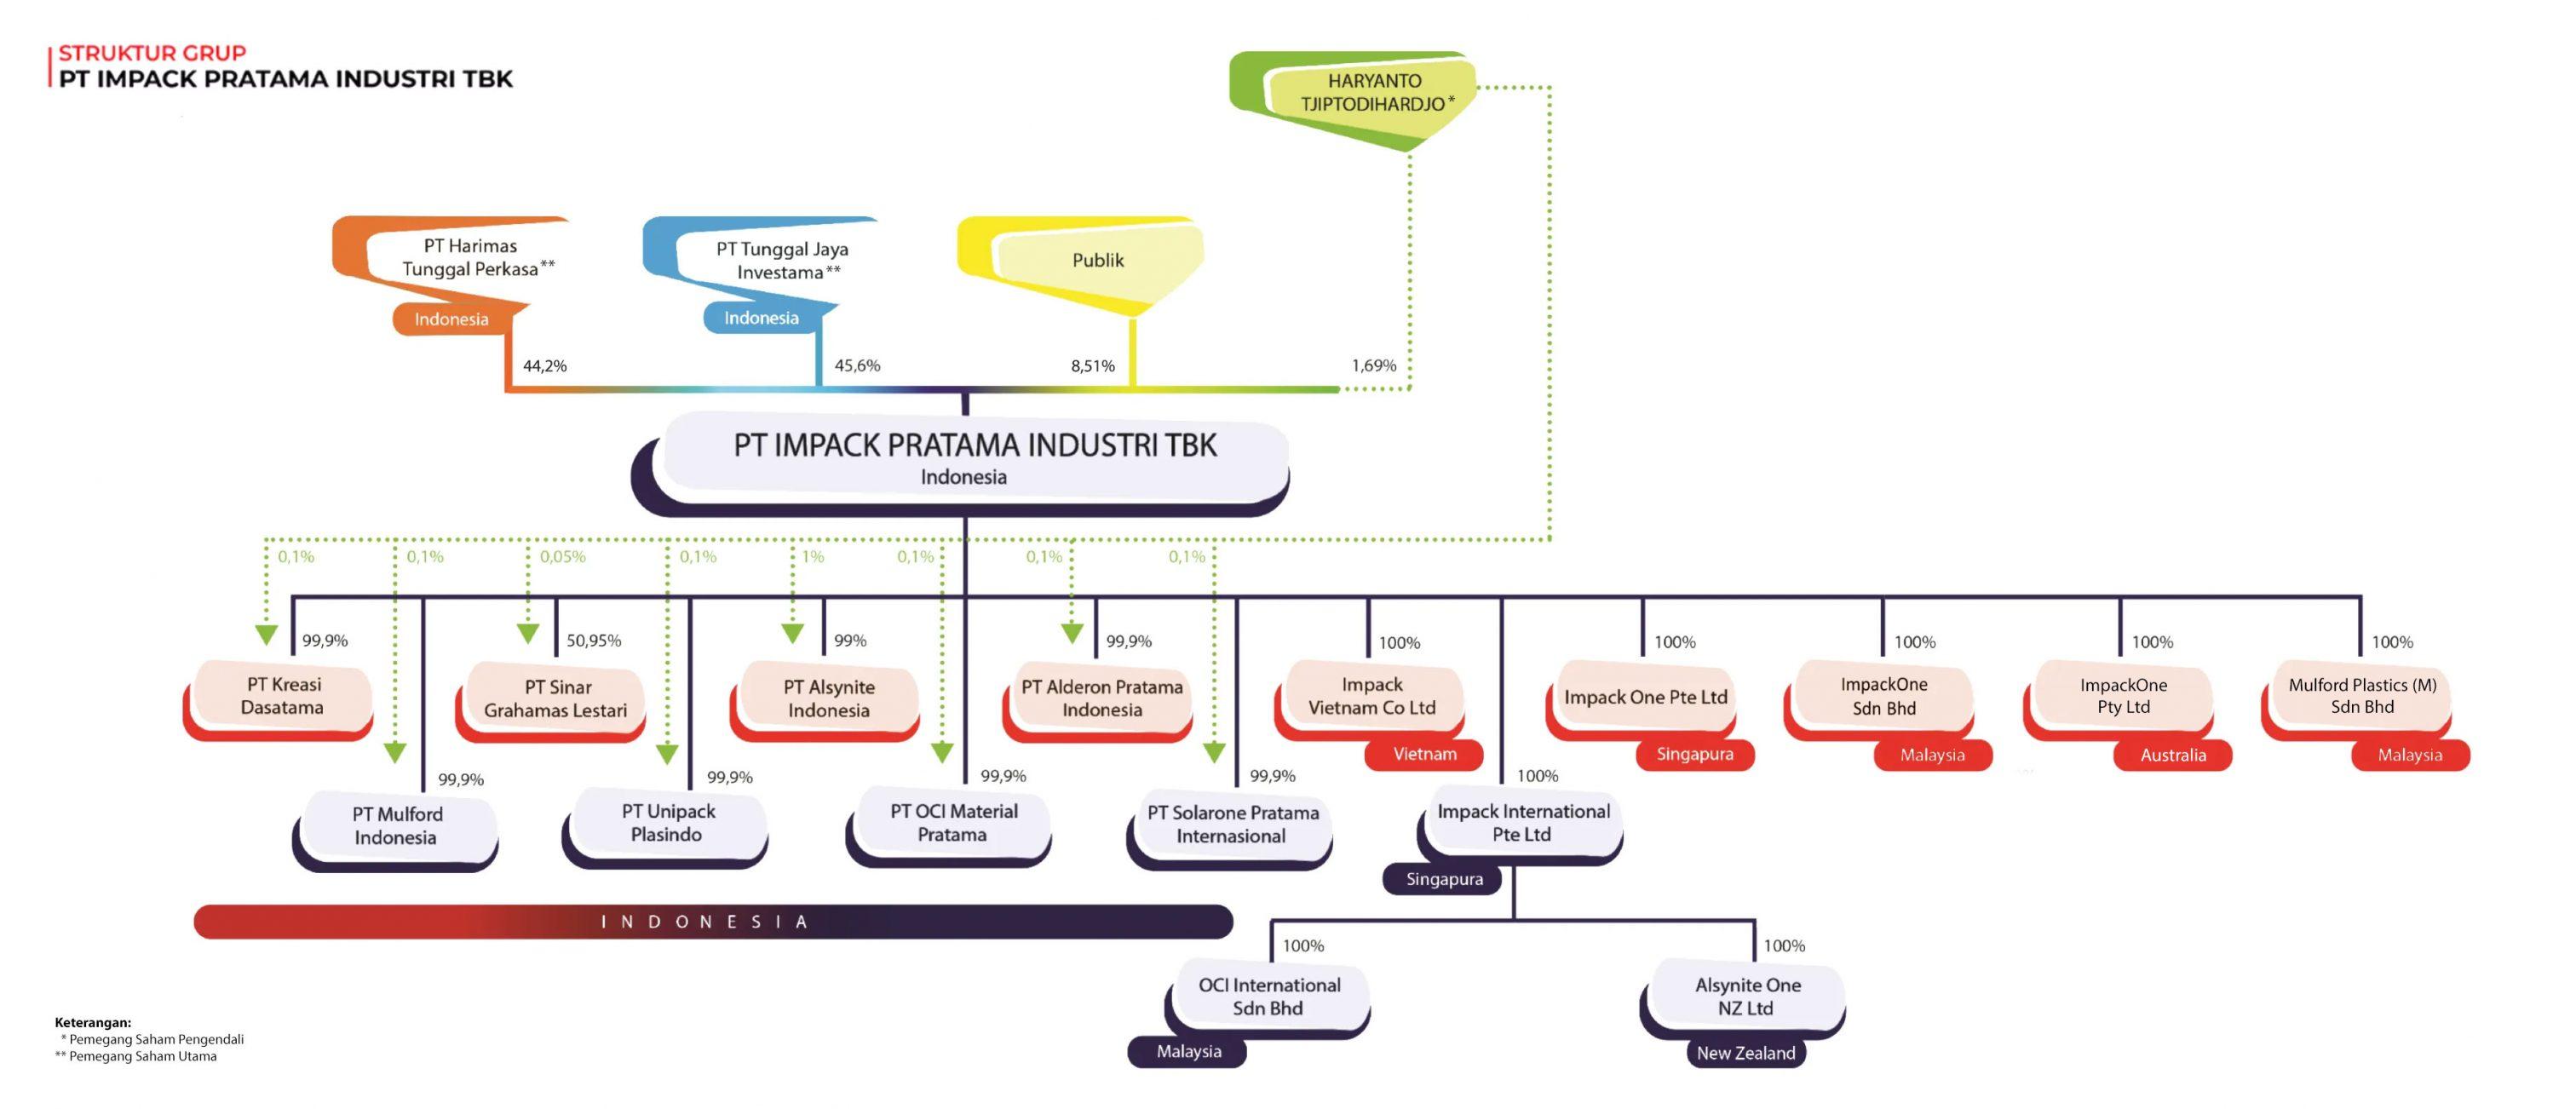 Struktur Grup Impack Pratama Industri IMPC 2020